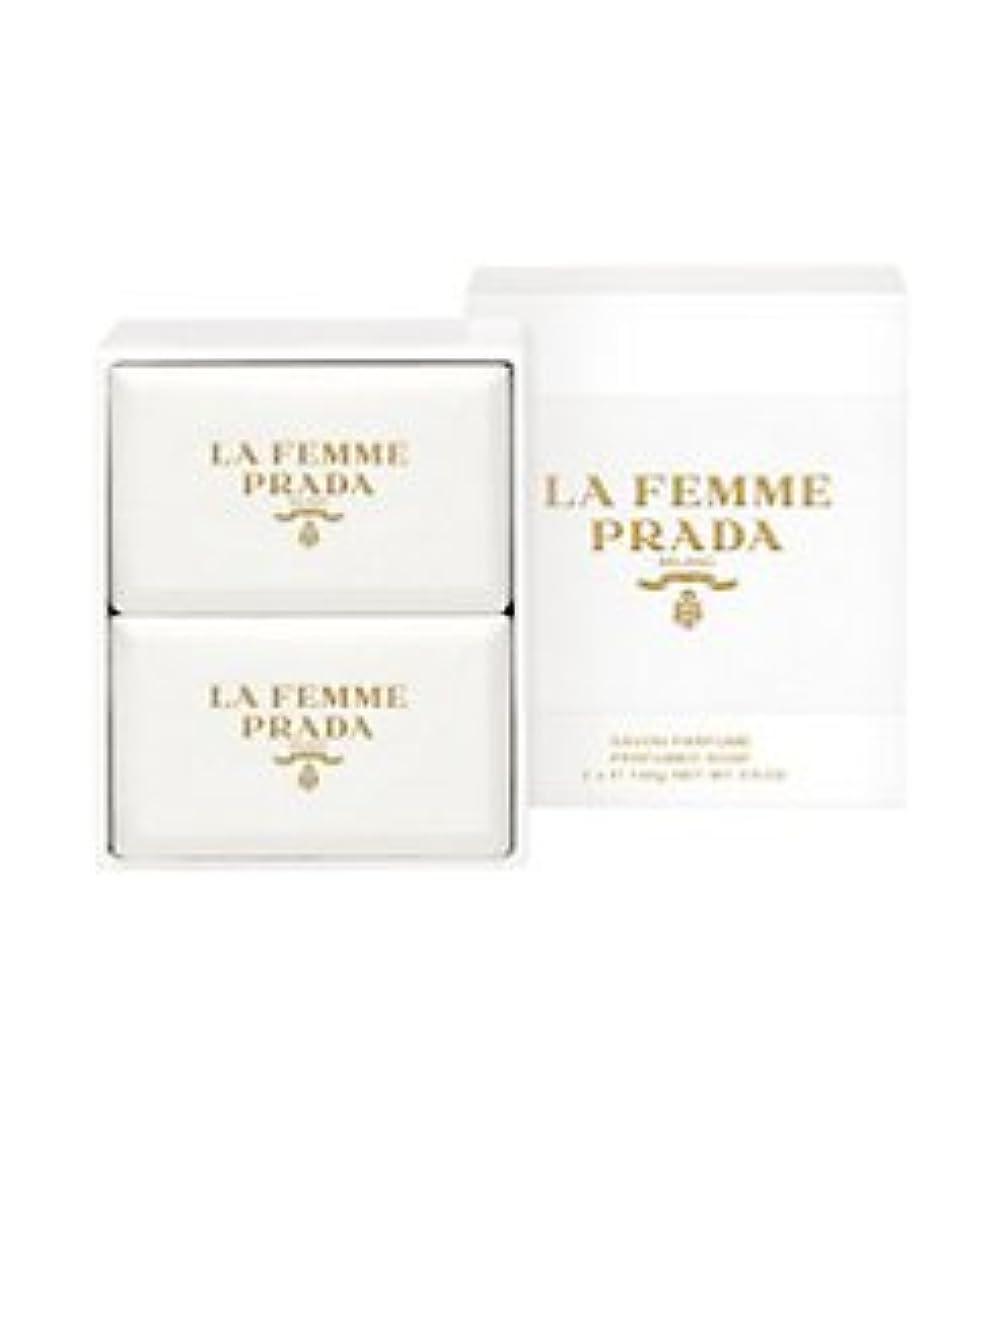 多数の軍安いですLa Femme Prada (ラ フェム プラダ) 1.75 oz (52ml) Soap (石鹸) x 2個 for Women